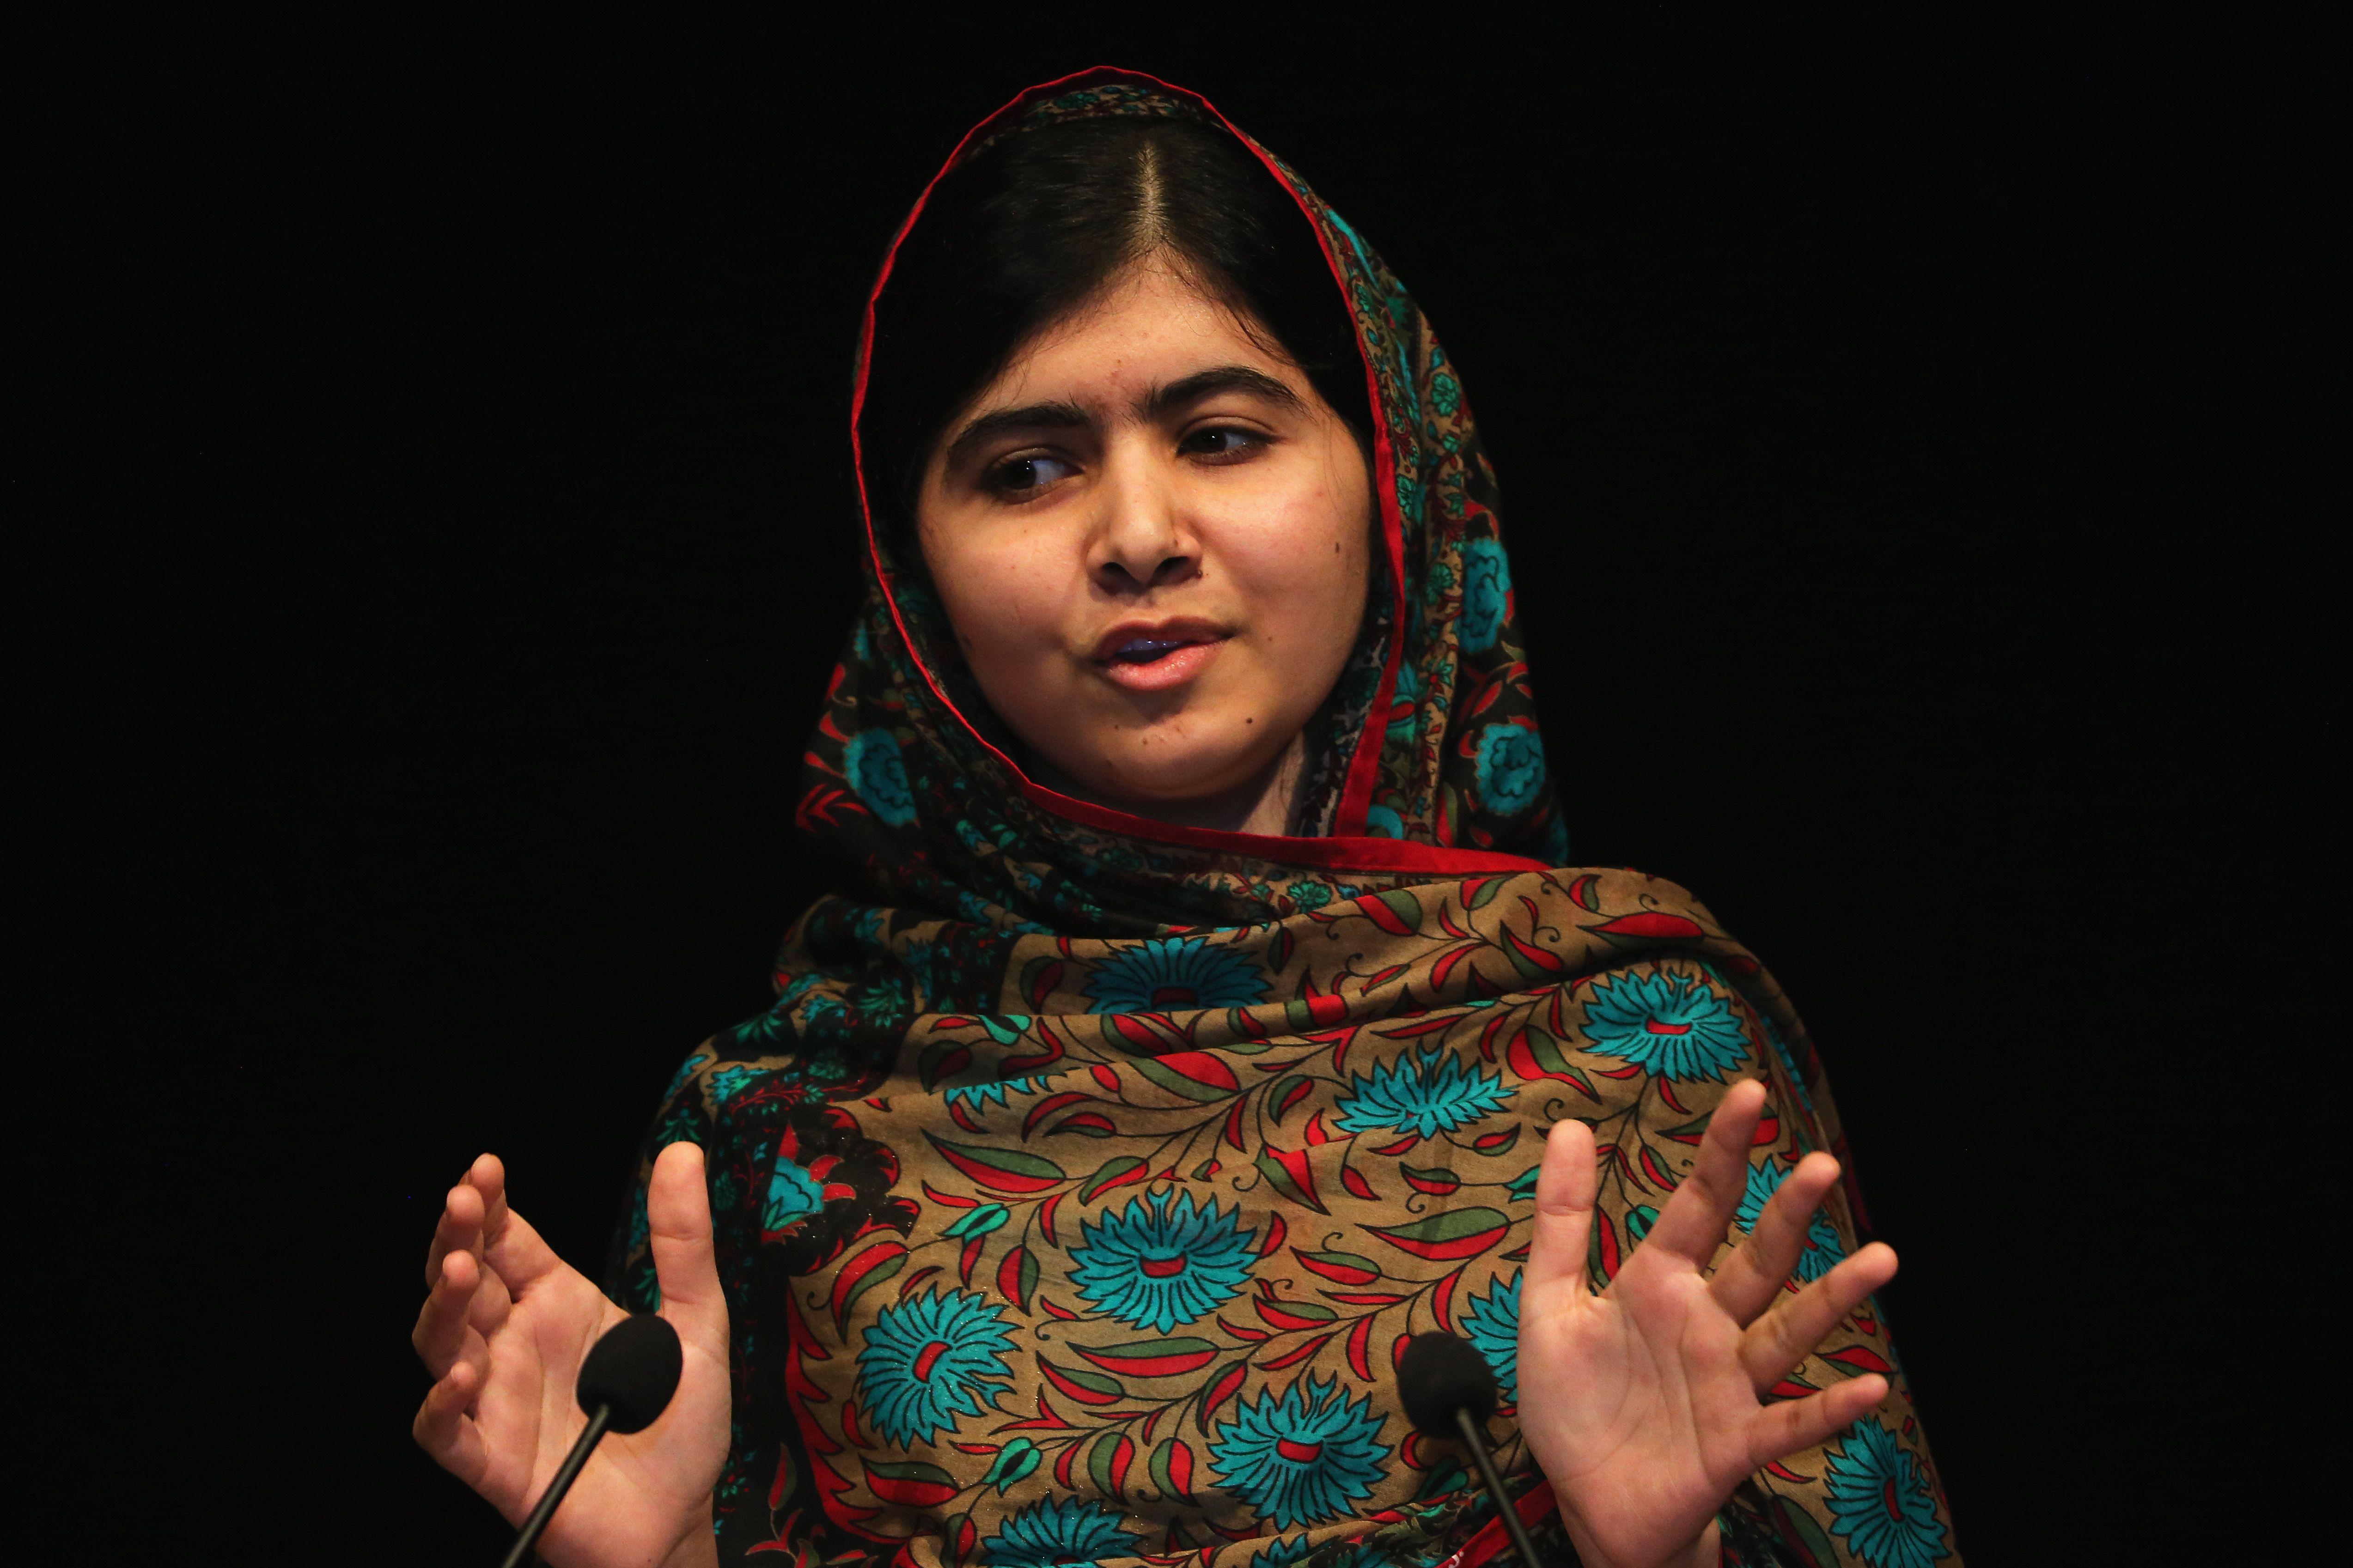 Malala Yousefzai of Pakistan, Nobel Laureate